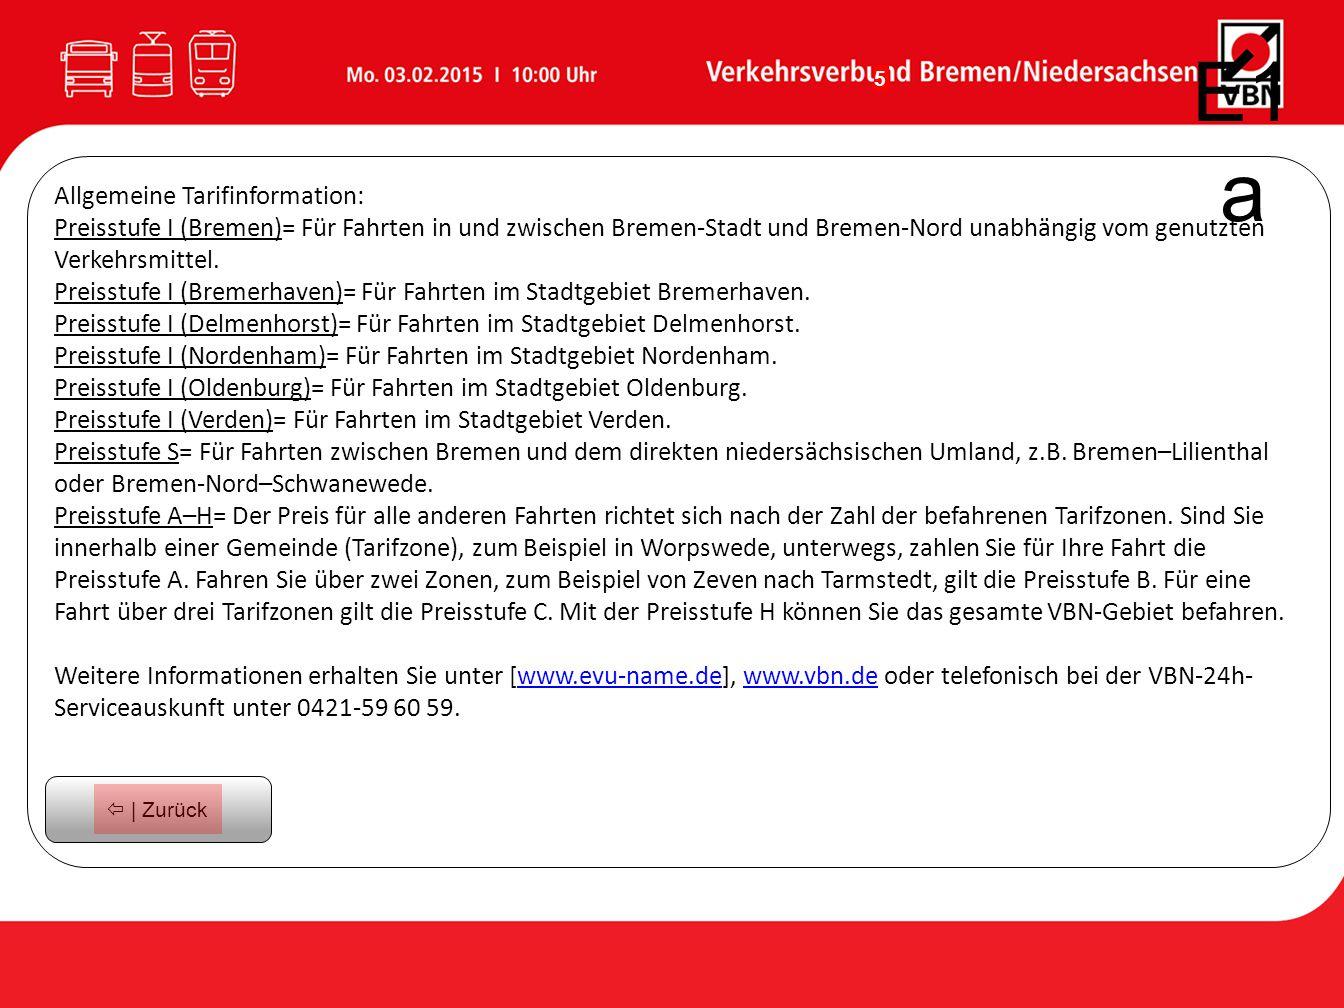 5 Allgemeine Tarifinformation: Preisstufe I (Bremen)= Für Fahrten in und zwischen Bremen-Stadt und Bremen-Nord unabhängig vom genutzten Verkehrsmittel.